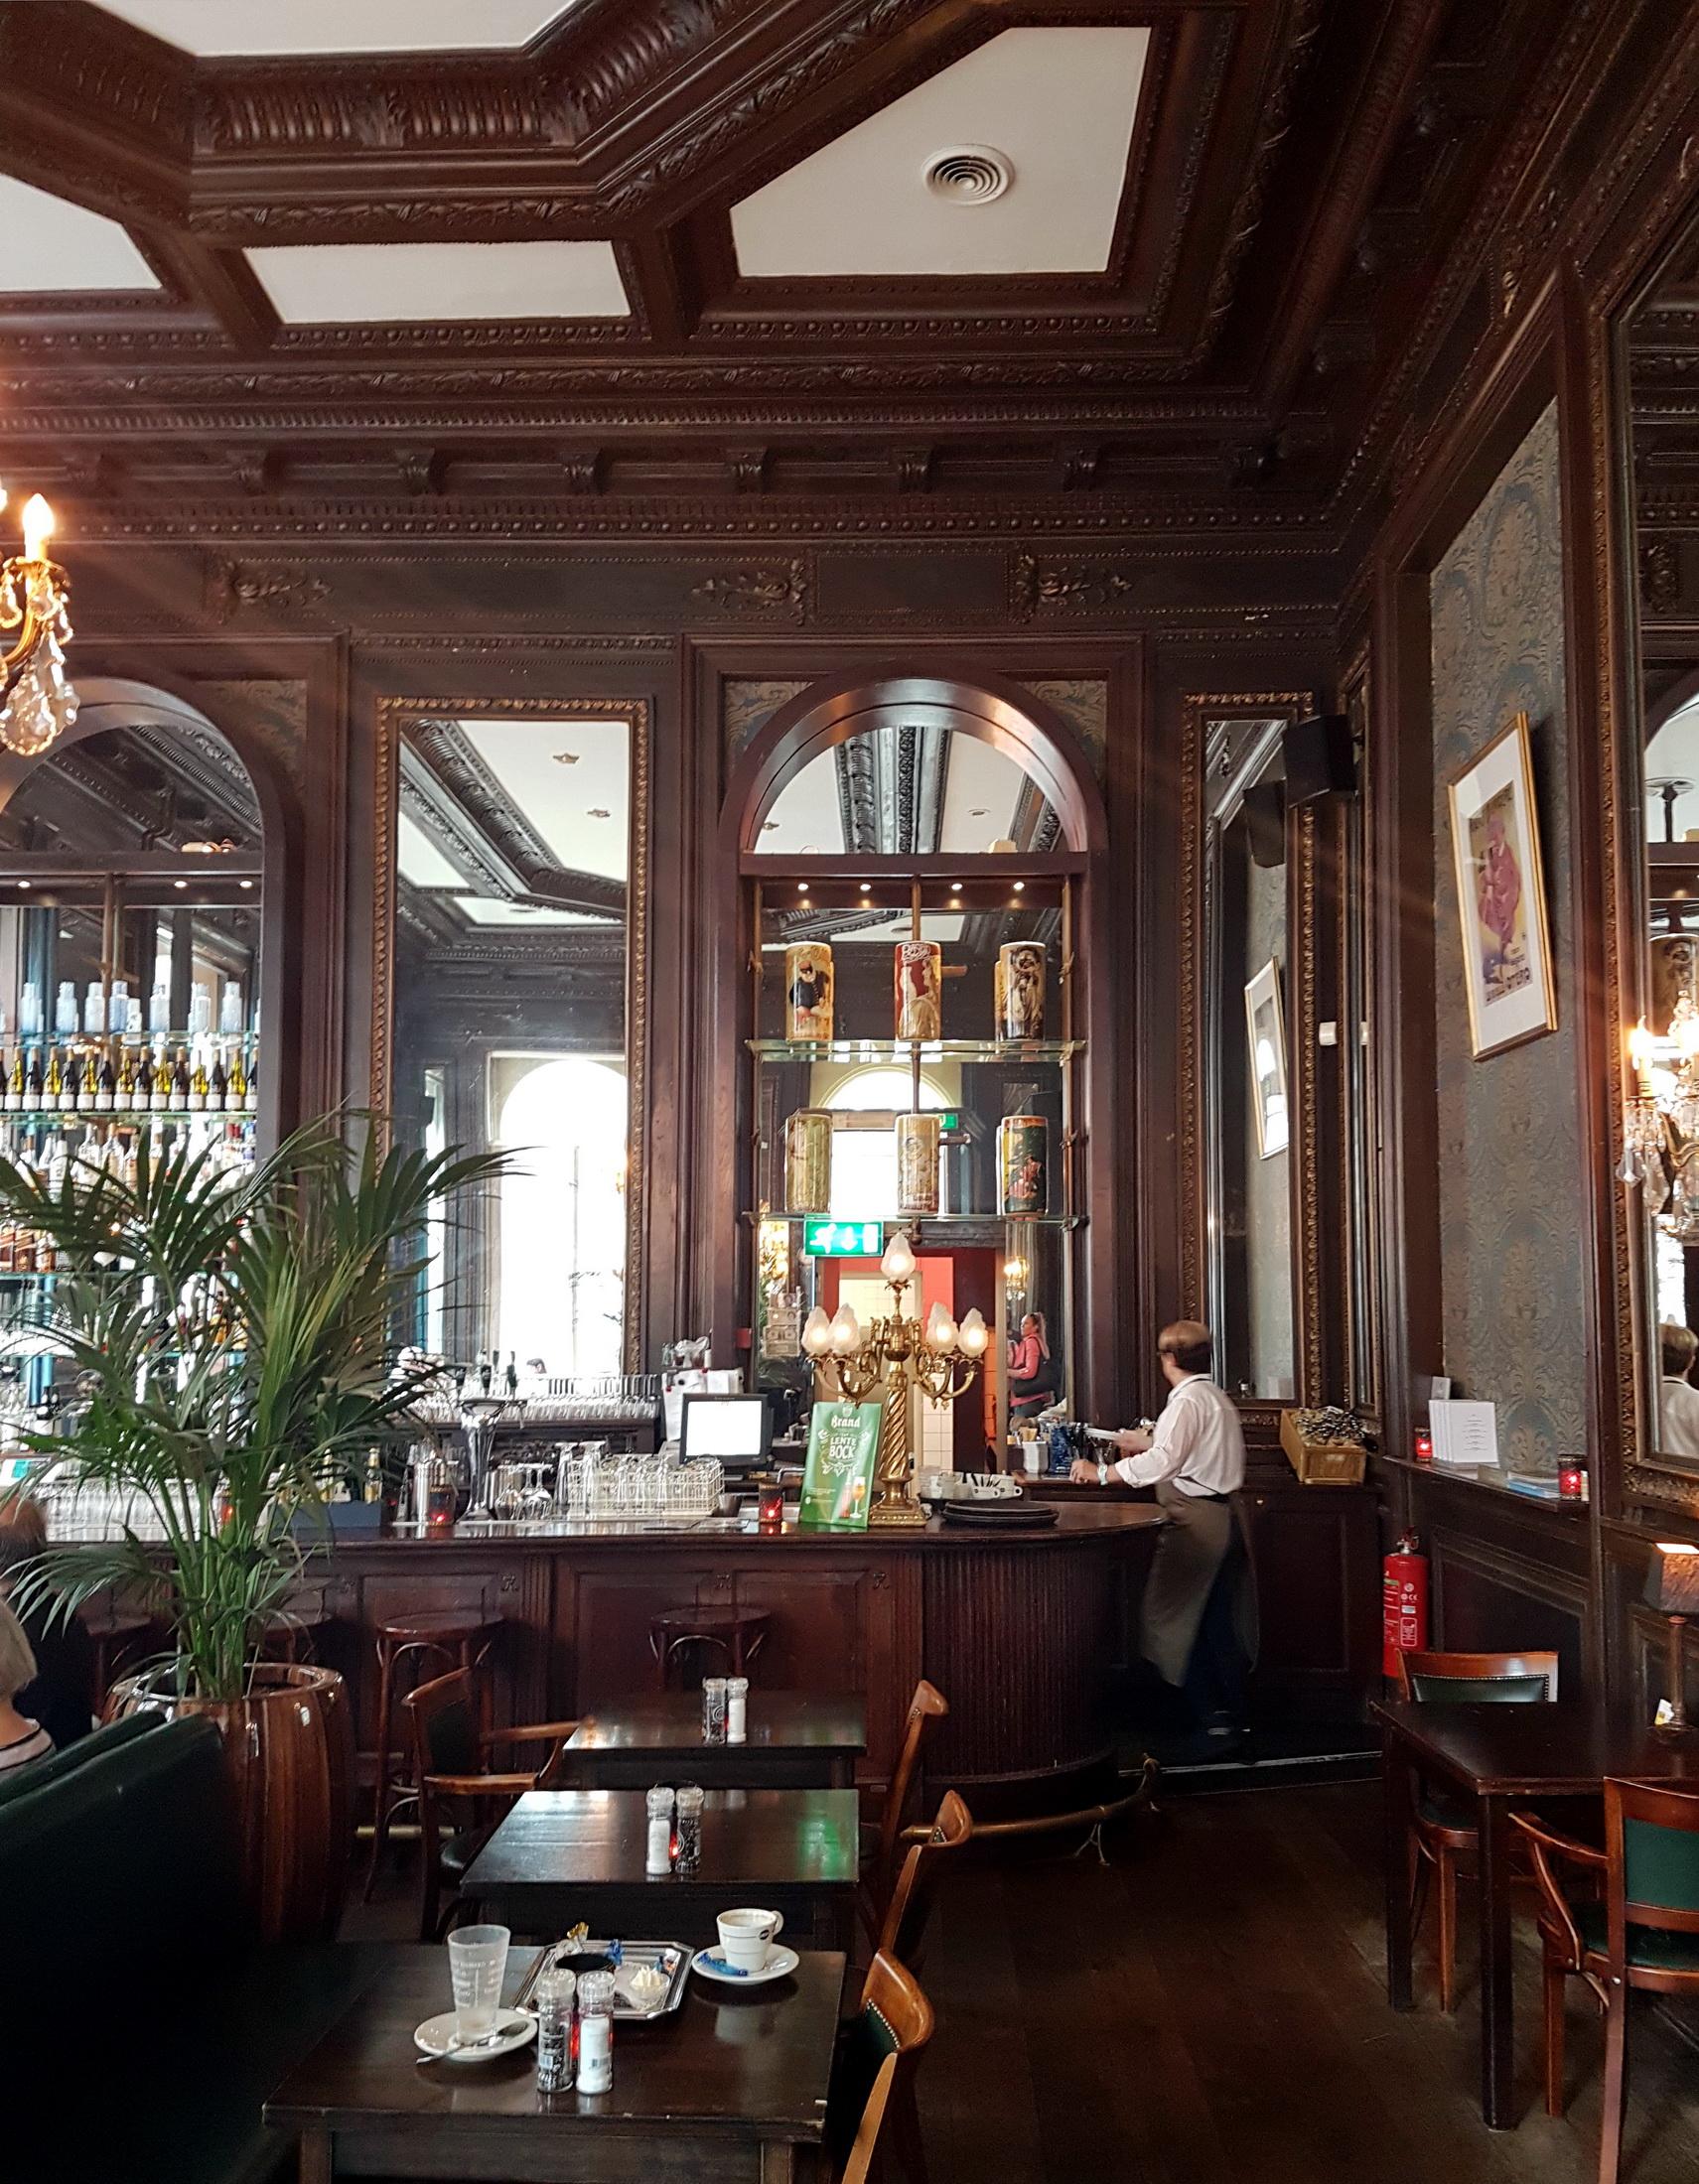 file:2017 maastricht, bonbonnière, café 2 - wikimedia commons